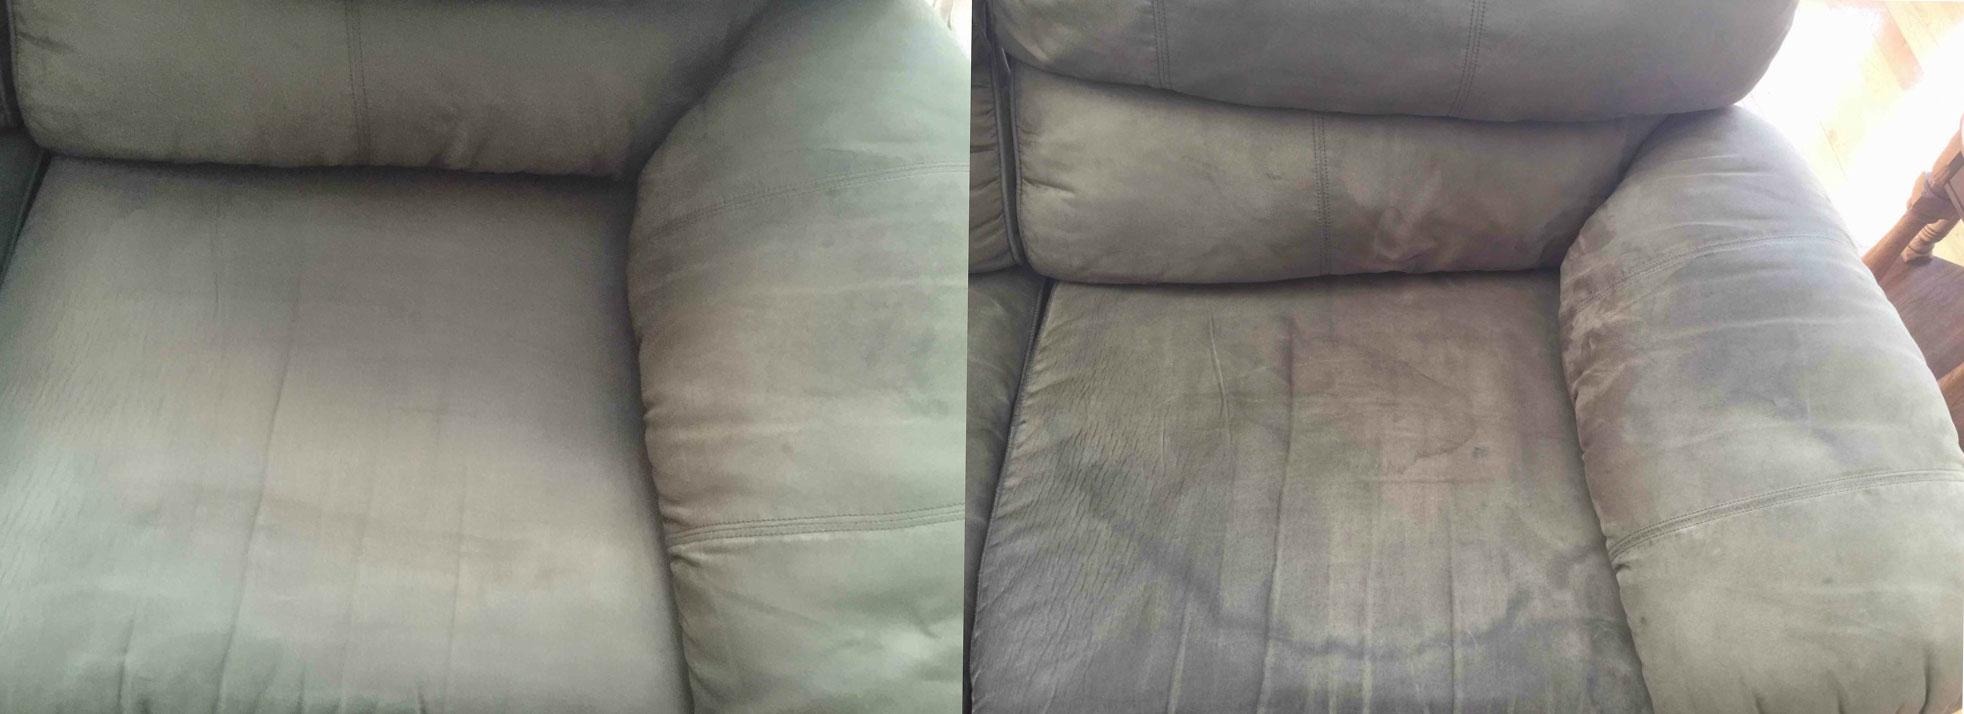 пране на диван